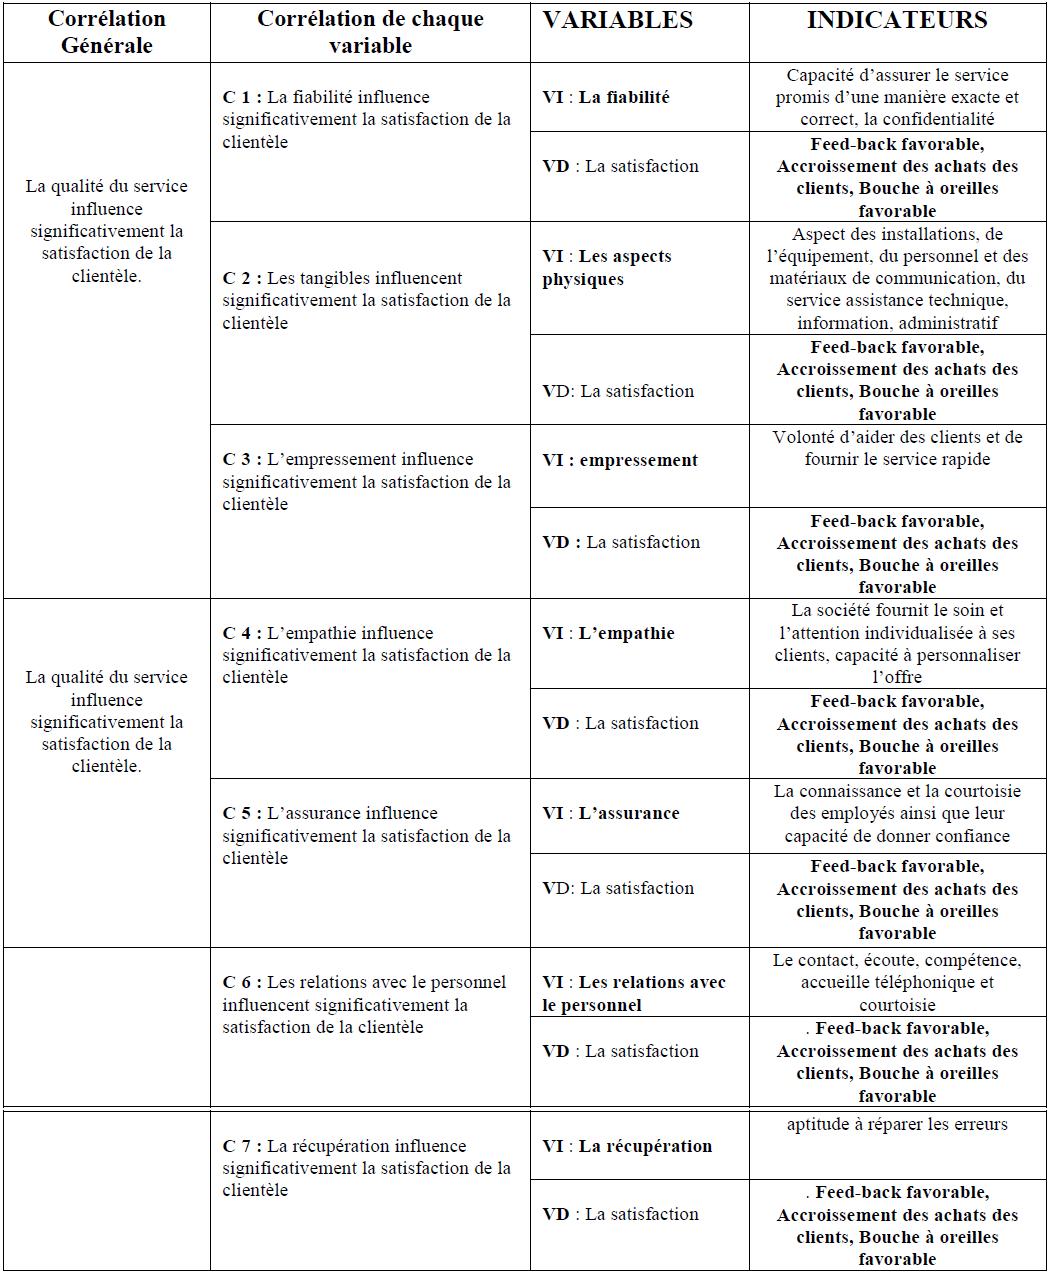 CHAPITRE 3 : ÉLÉMENTS MÉTHODOLOGIQUES DE L'ÉTUDE